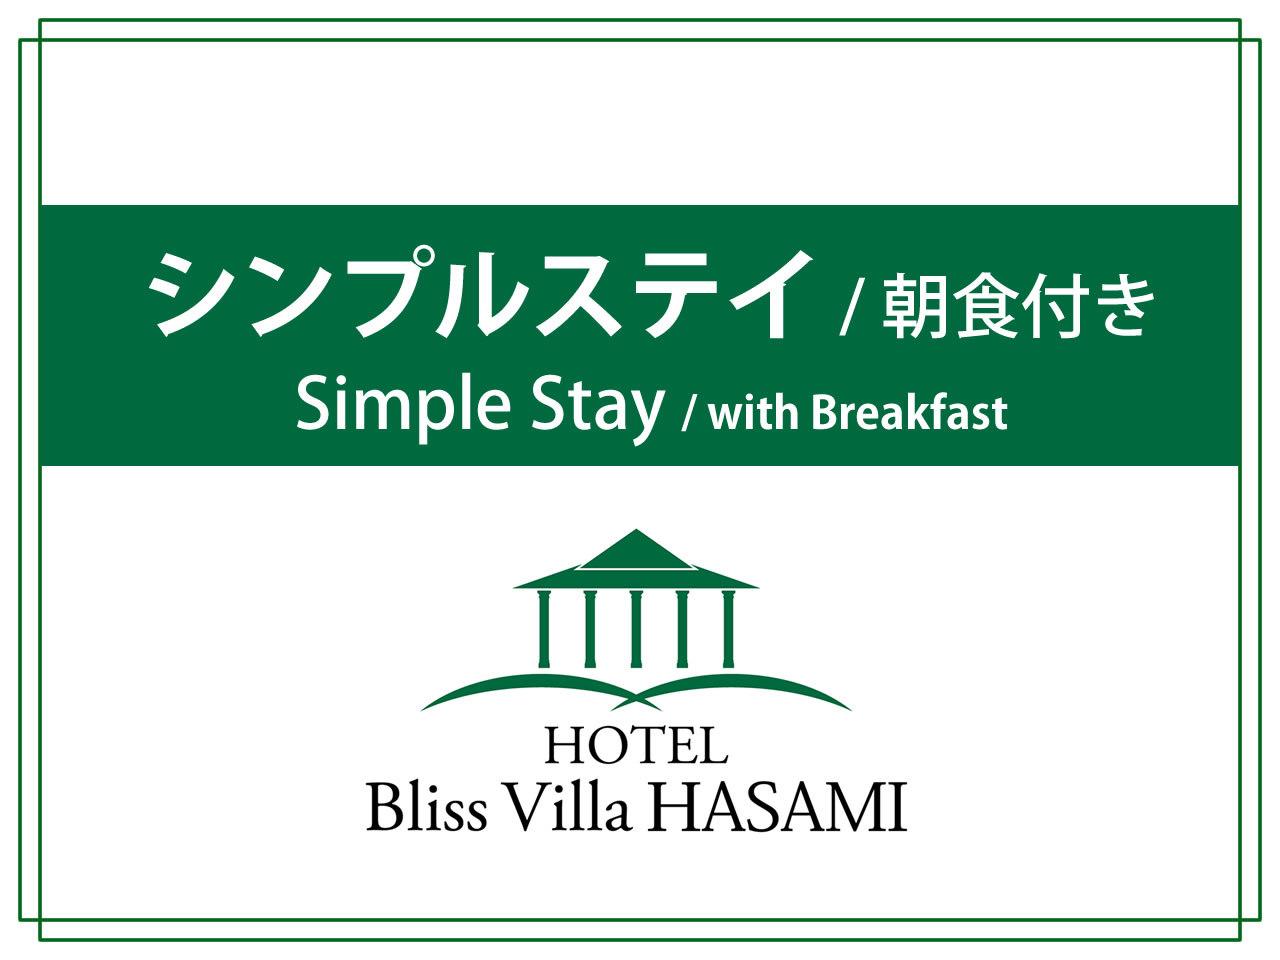 【シンプルステイ】スタンダードプラン■朝食付き